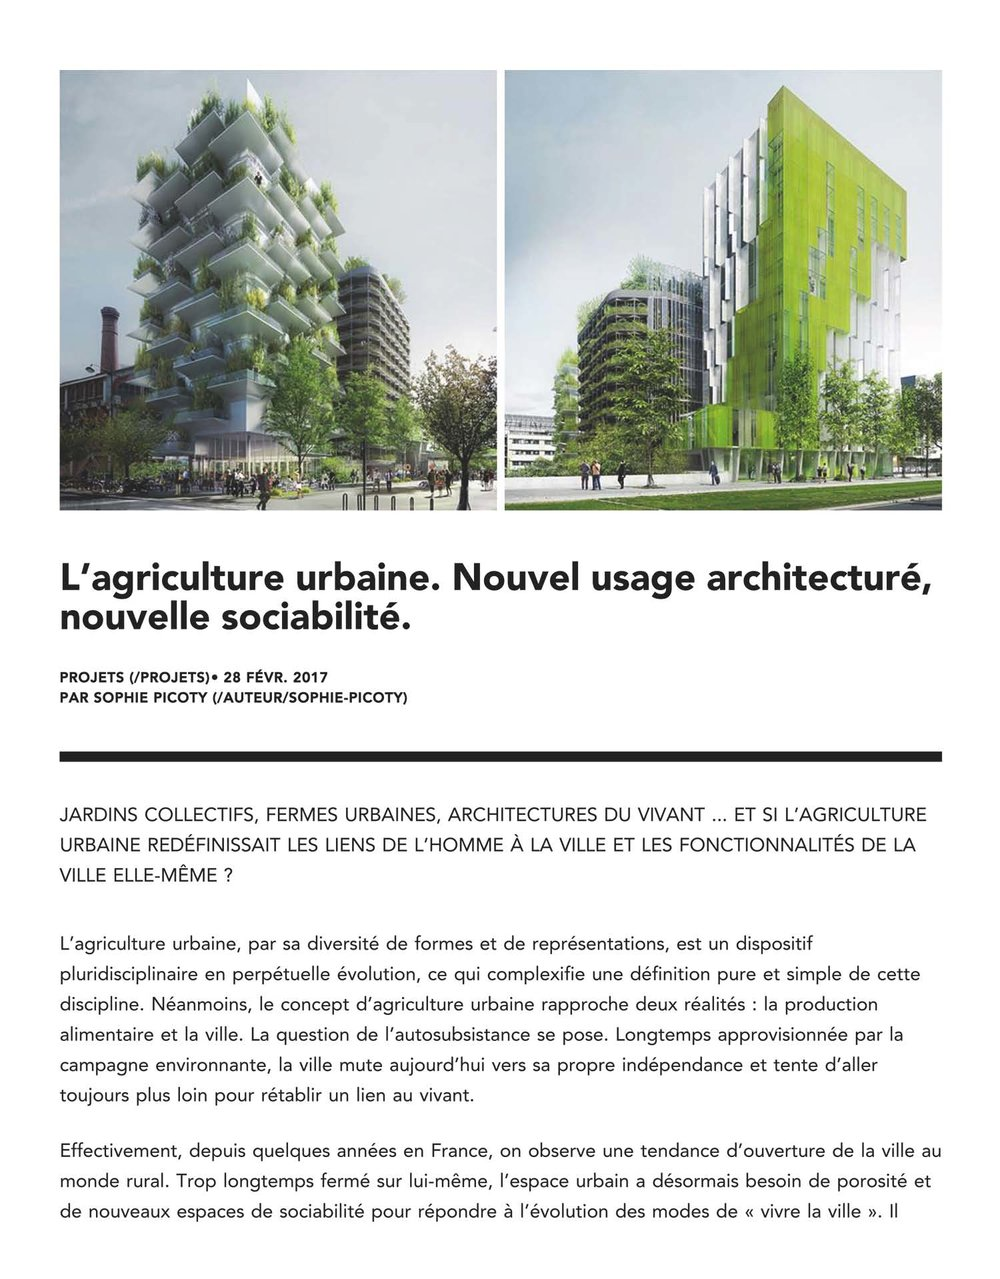 L'agriculture urbaine. Nouvel usage architecturé, nouvelle sociabilité. - Index-Design-1_Page_1.jpg